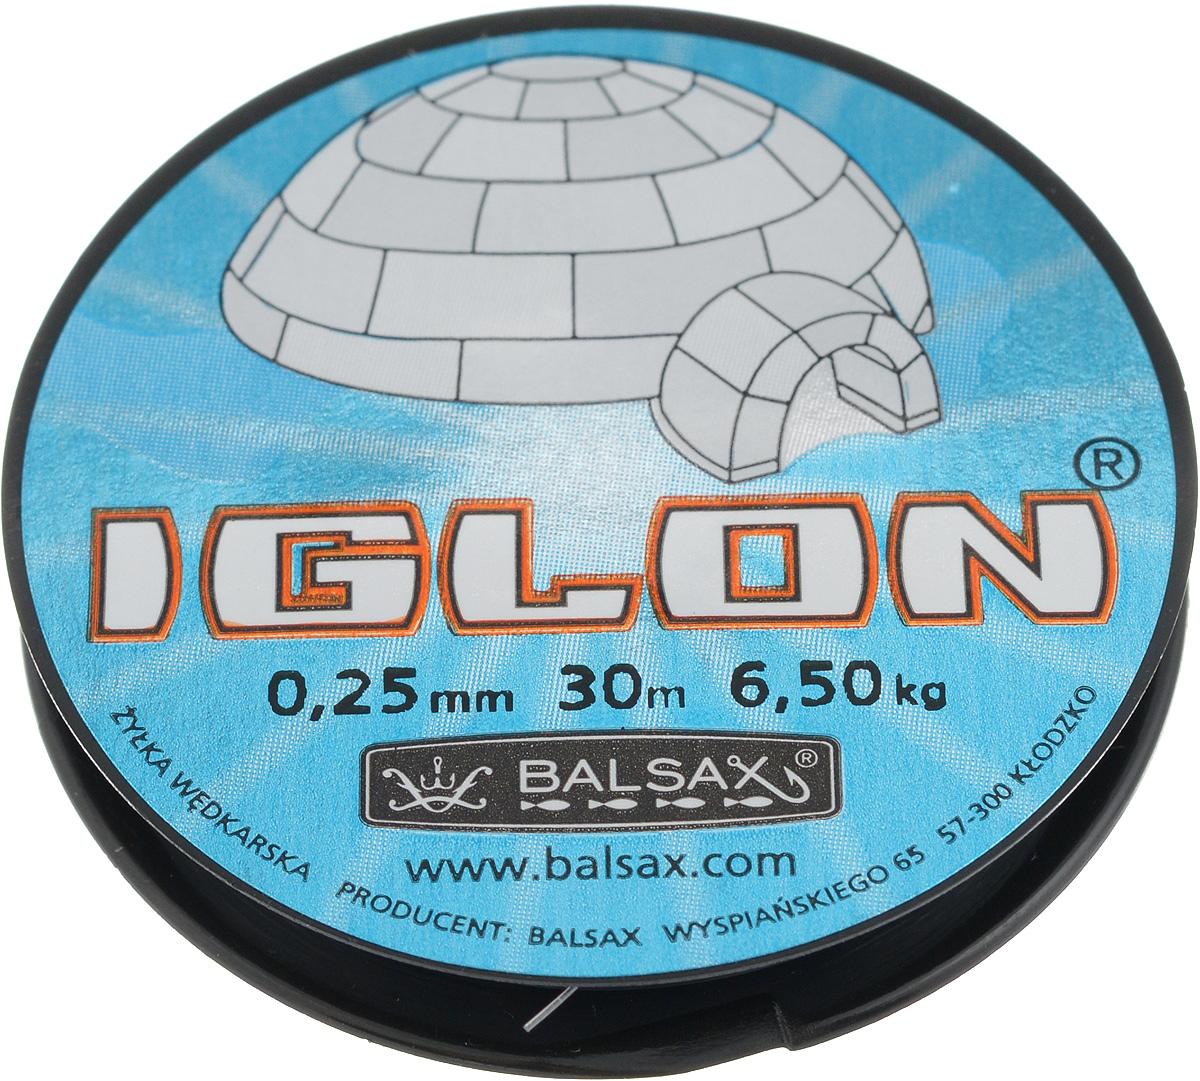 Леска зимняя Balsax Iglon, 30 м, 0,25 мм, 6,5 кг308-00032Леска Balsax Iglon изготовлена из 100% нейлона и очень хорошо выдерживает низкие температуры. Даже в самом холодном климате, при температуре вплоть до -40°C, она сохраняет свои свойства практически без изменений, в то время как традиционные лески становятся менее эластичными и теряют прочность.Поверхность лески обработана таким образом, что она не обмерзает и отлично подходит для подледного лова. Прочна в местах вязки узлов даже при минимальном диаметре.